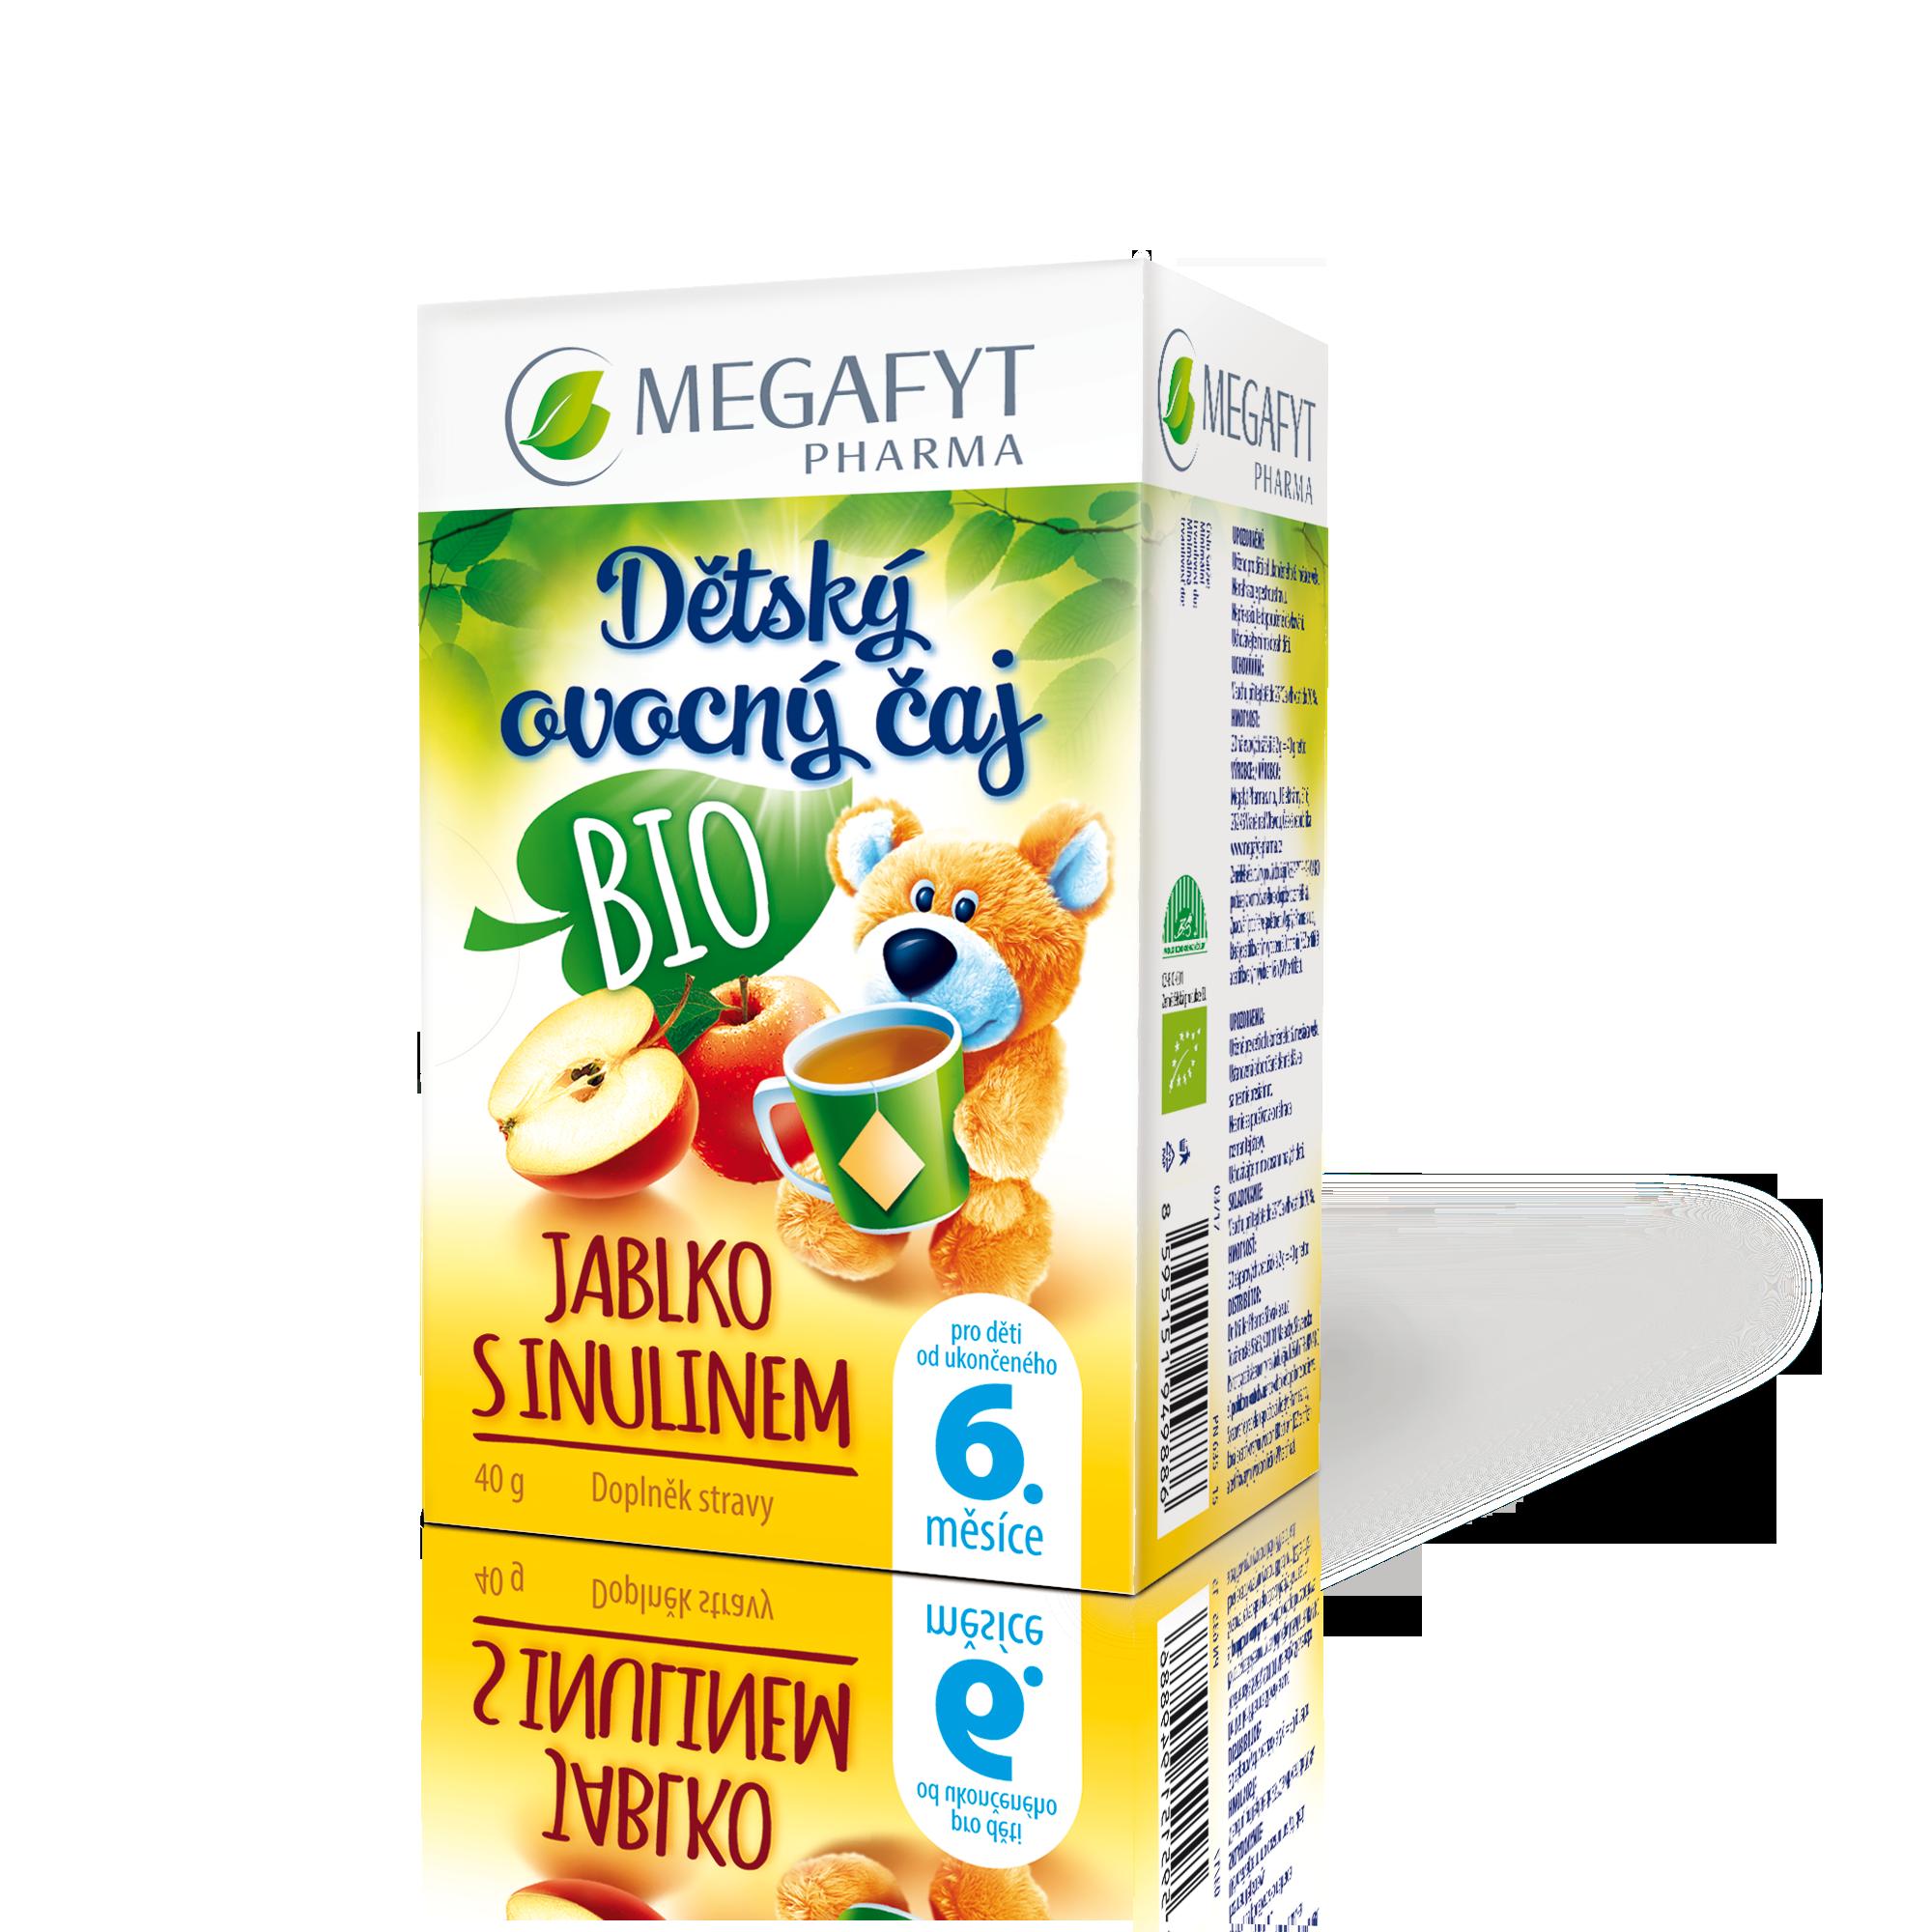 Více informací o výrobku Dětský ovocný čaj BIO Jablko s inulínem